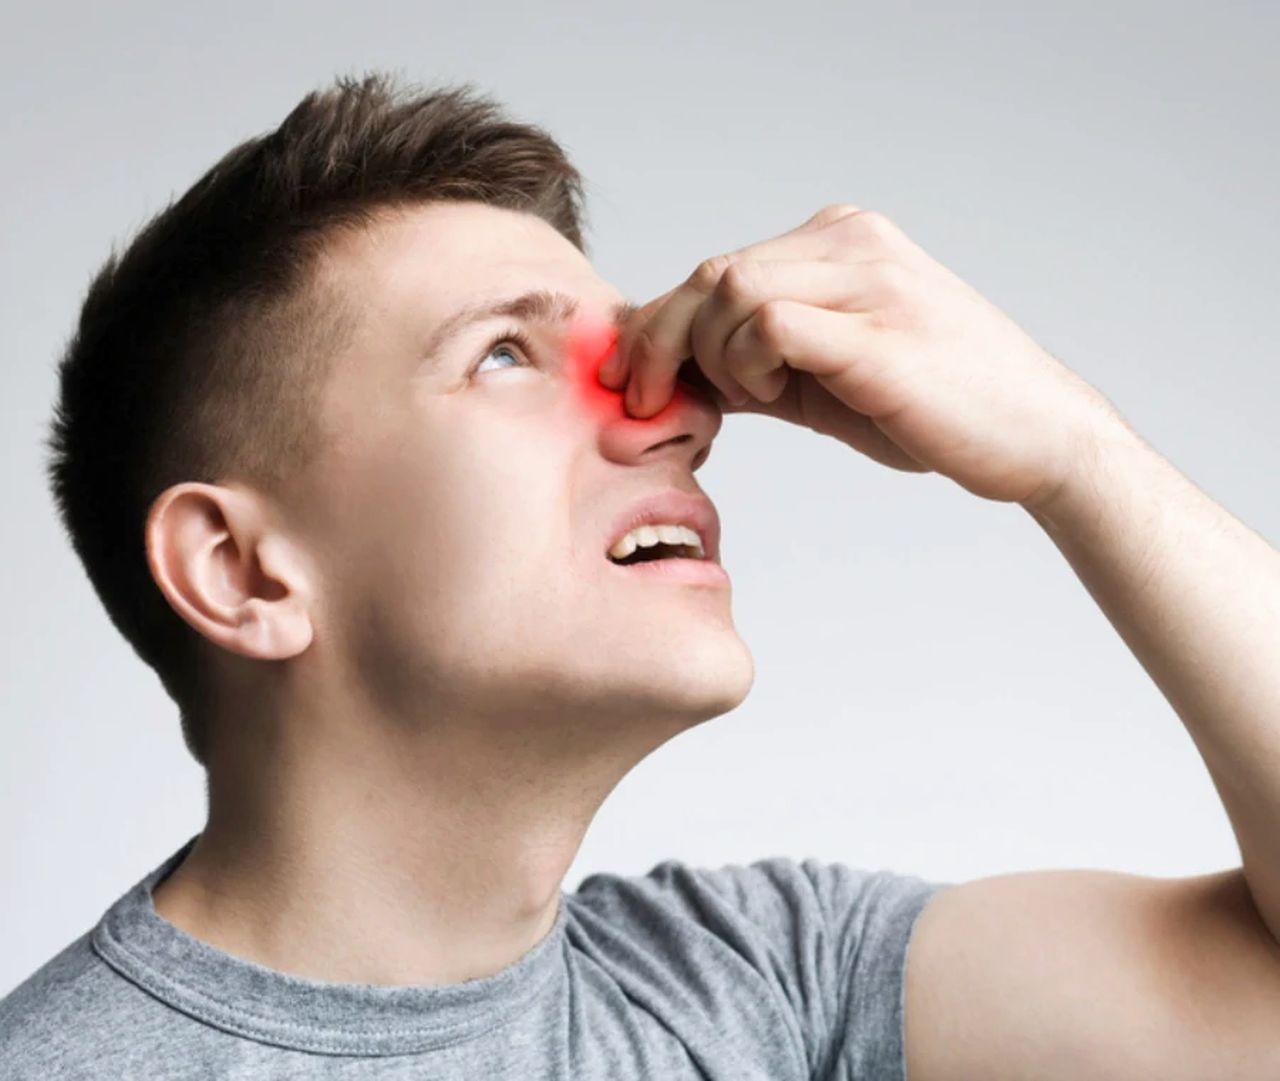 Sangue dal naso, può essere il segnale di un serio disturbo: le cose da sapere